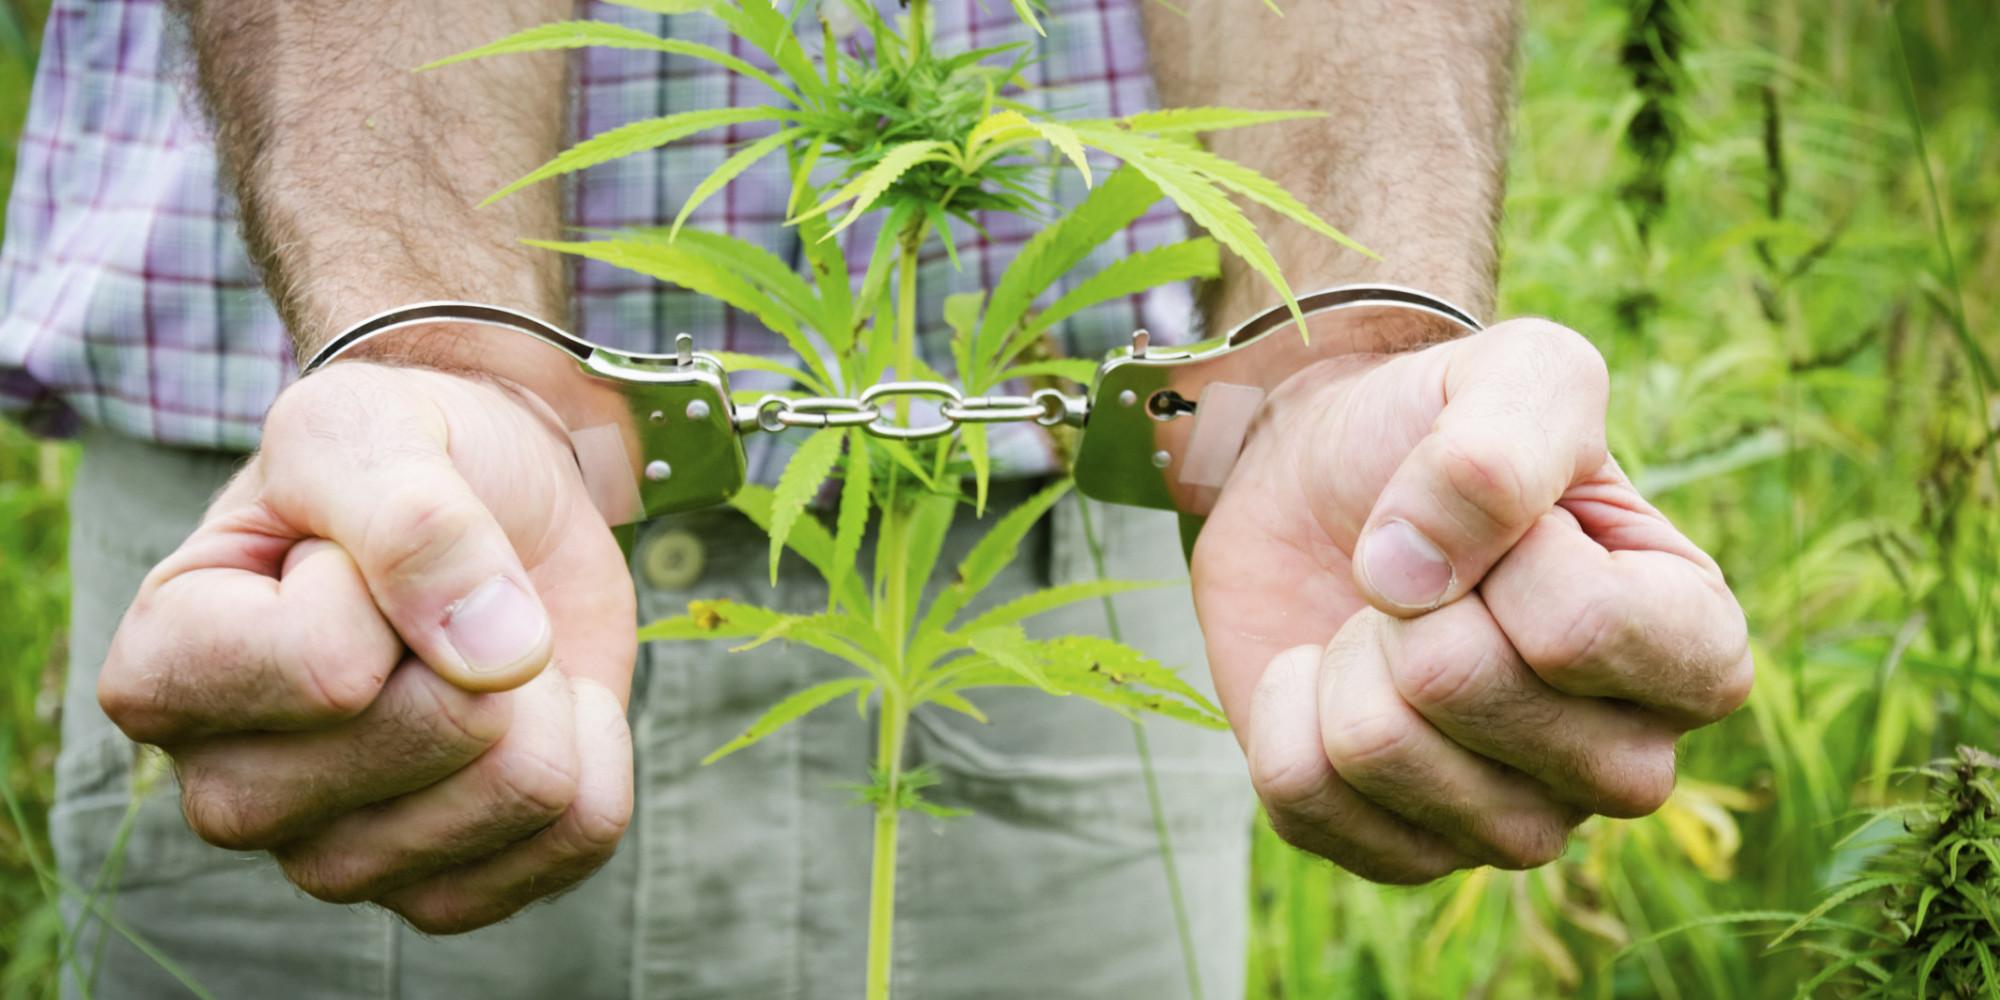 Αποτέλεσμα εικόνας για Συνελήφθη αλλοδαπός για ναρκωτικά